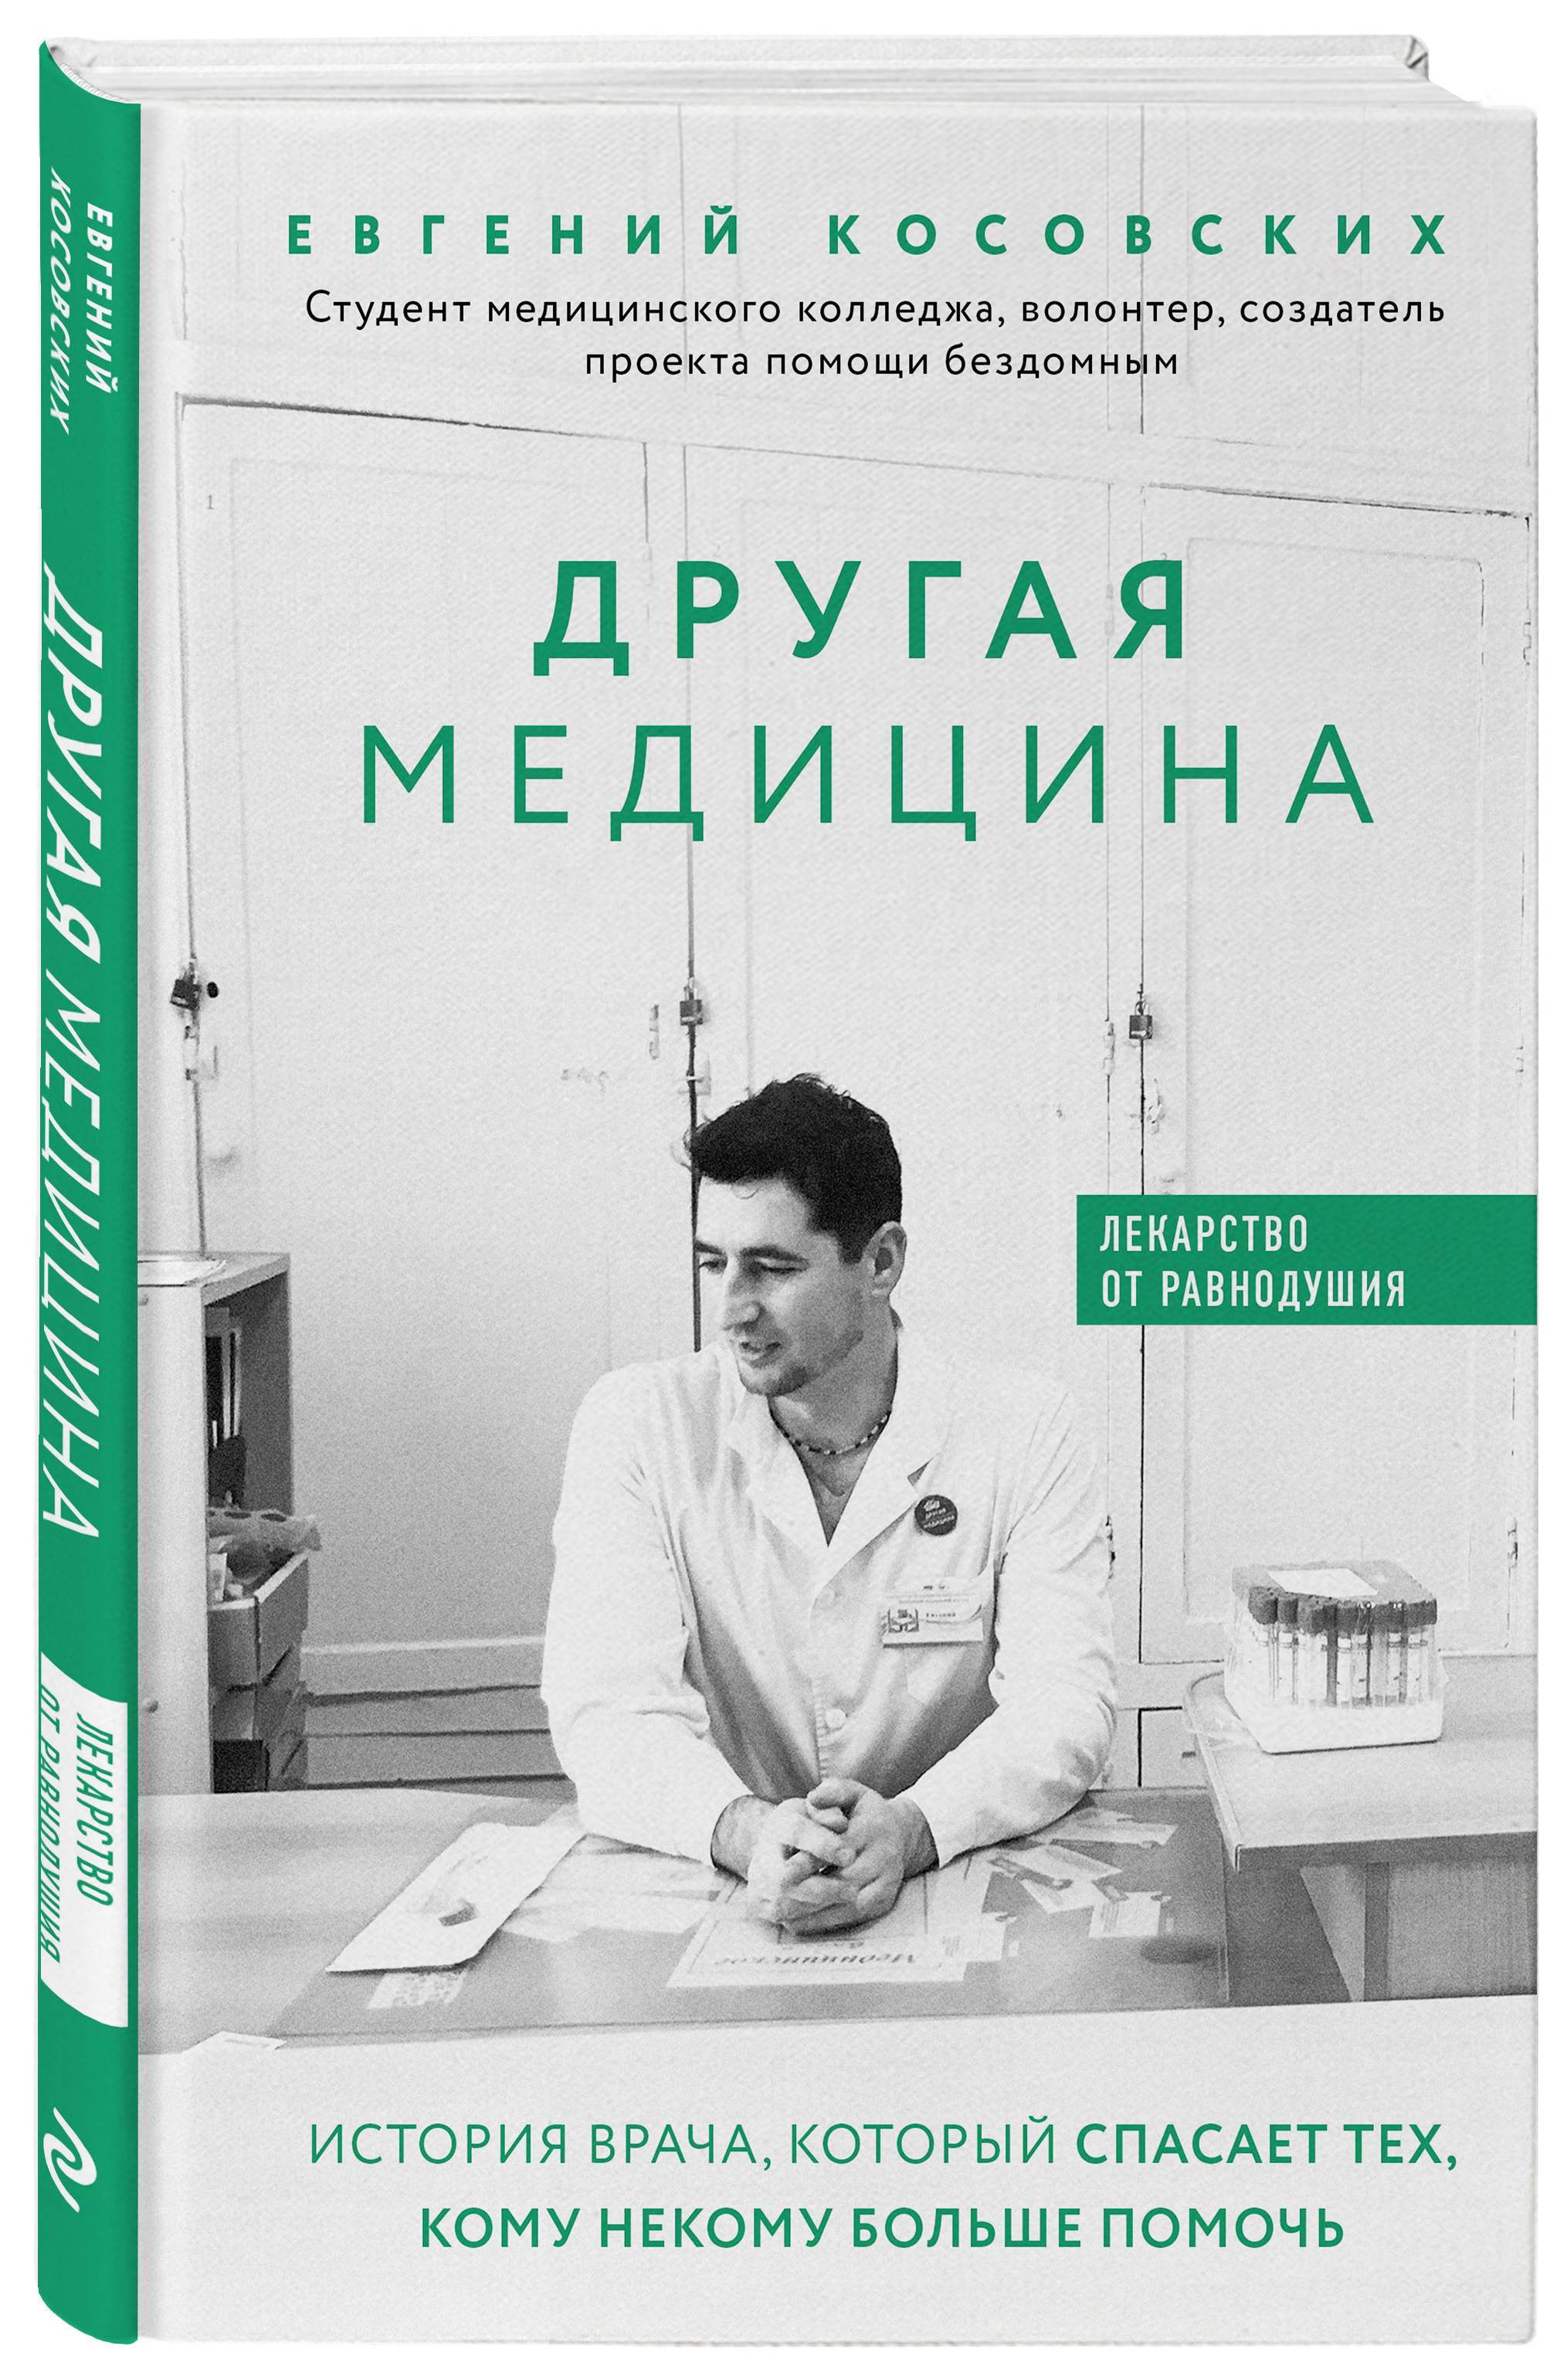 Другая медицина. История врача, который спасает тех, кому некому больше помочь ( Евгений Косовских  )